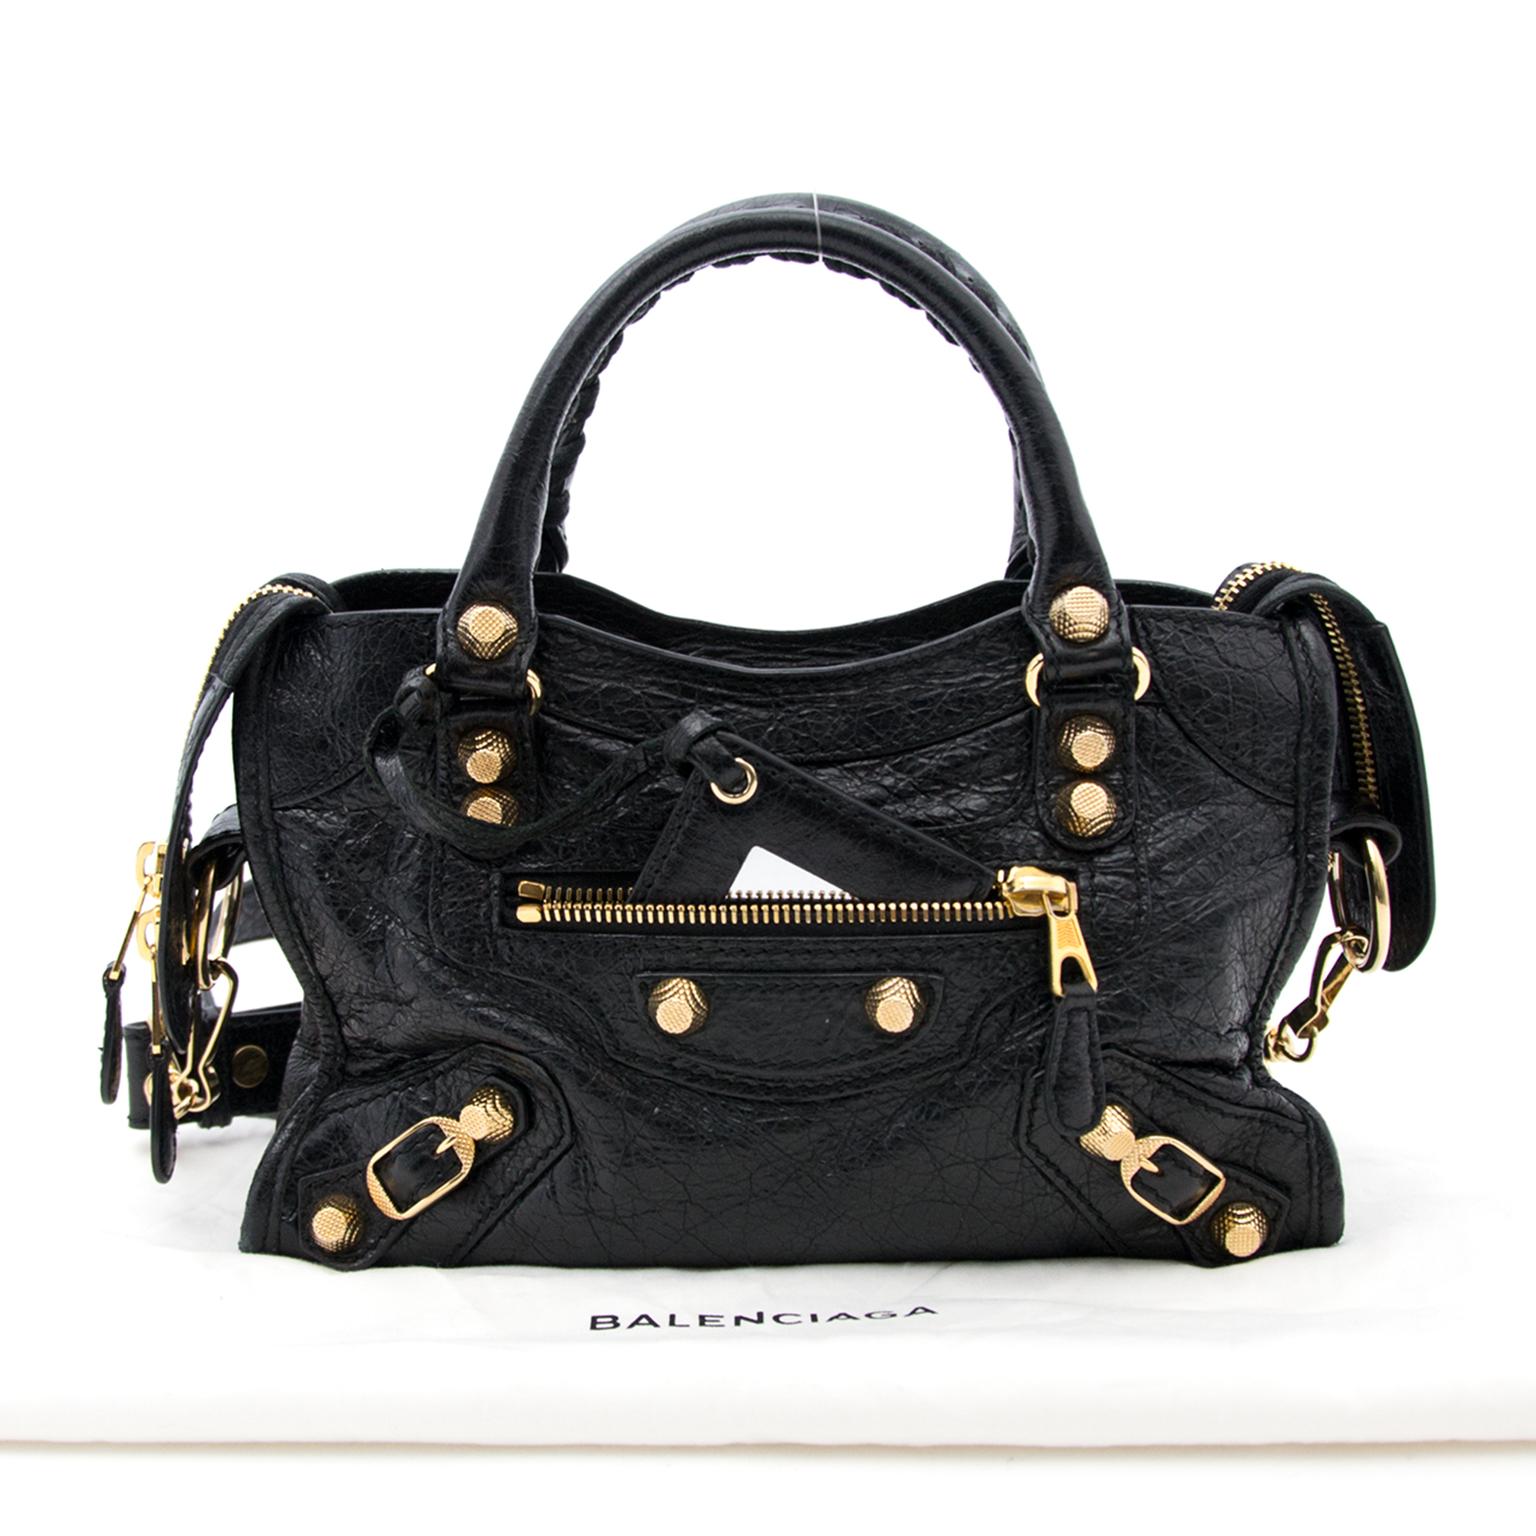 Koop authentieke Balenciaga handtassen bij Labellov.com